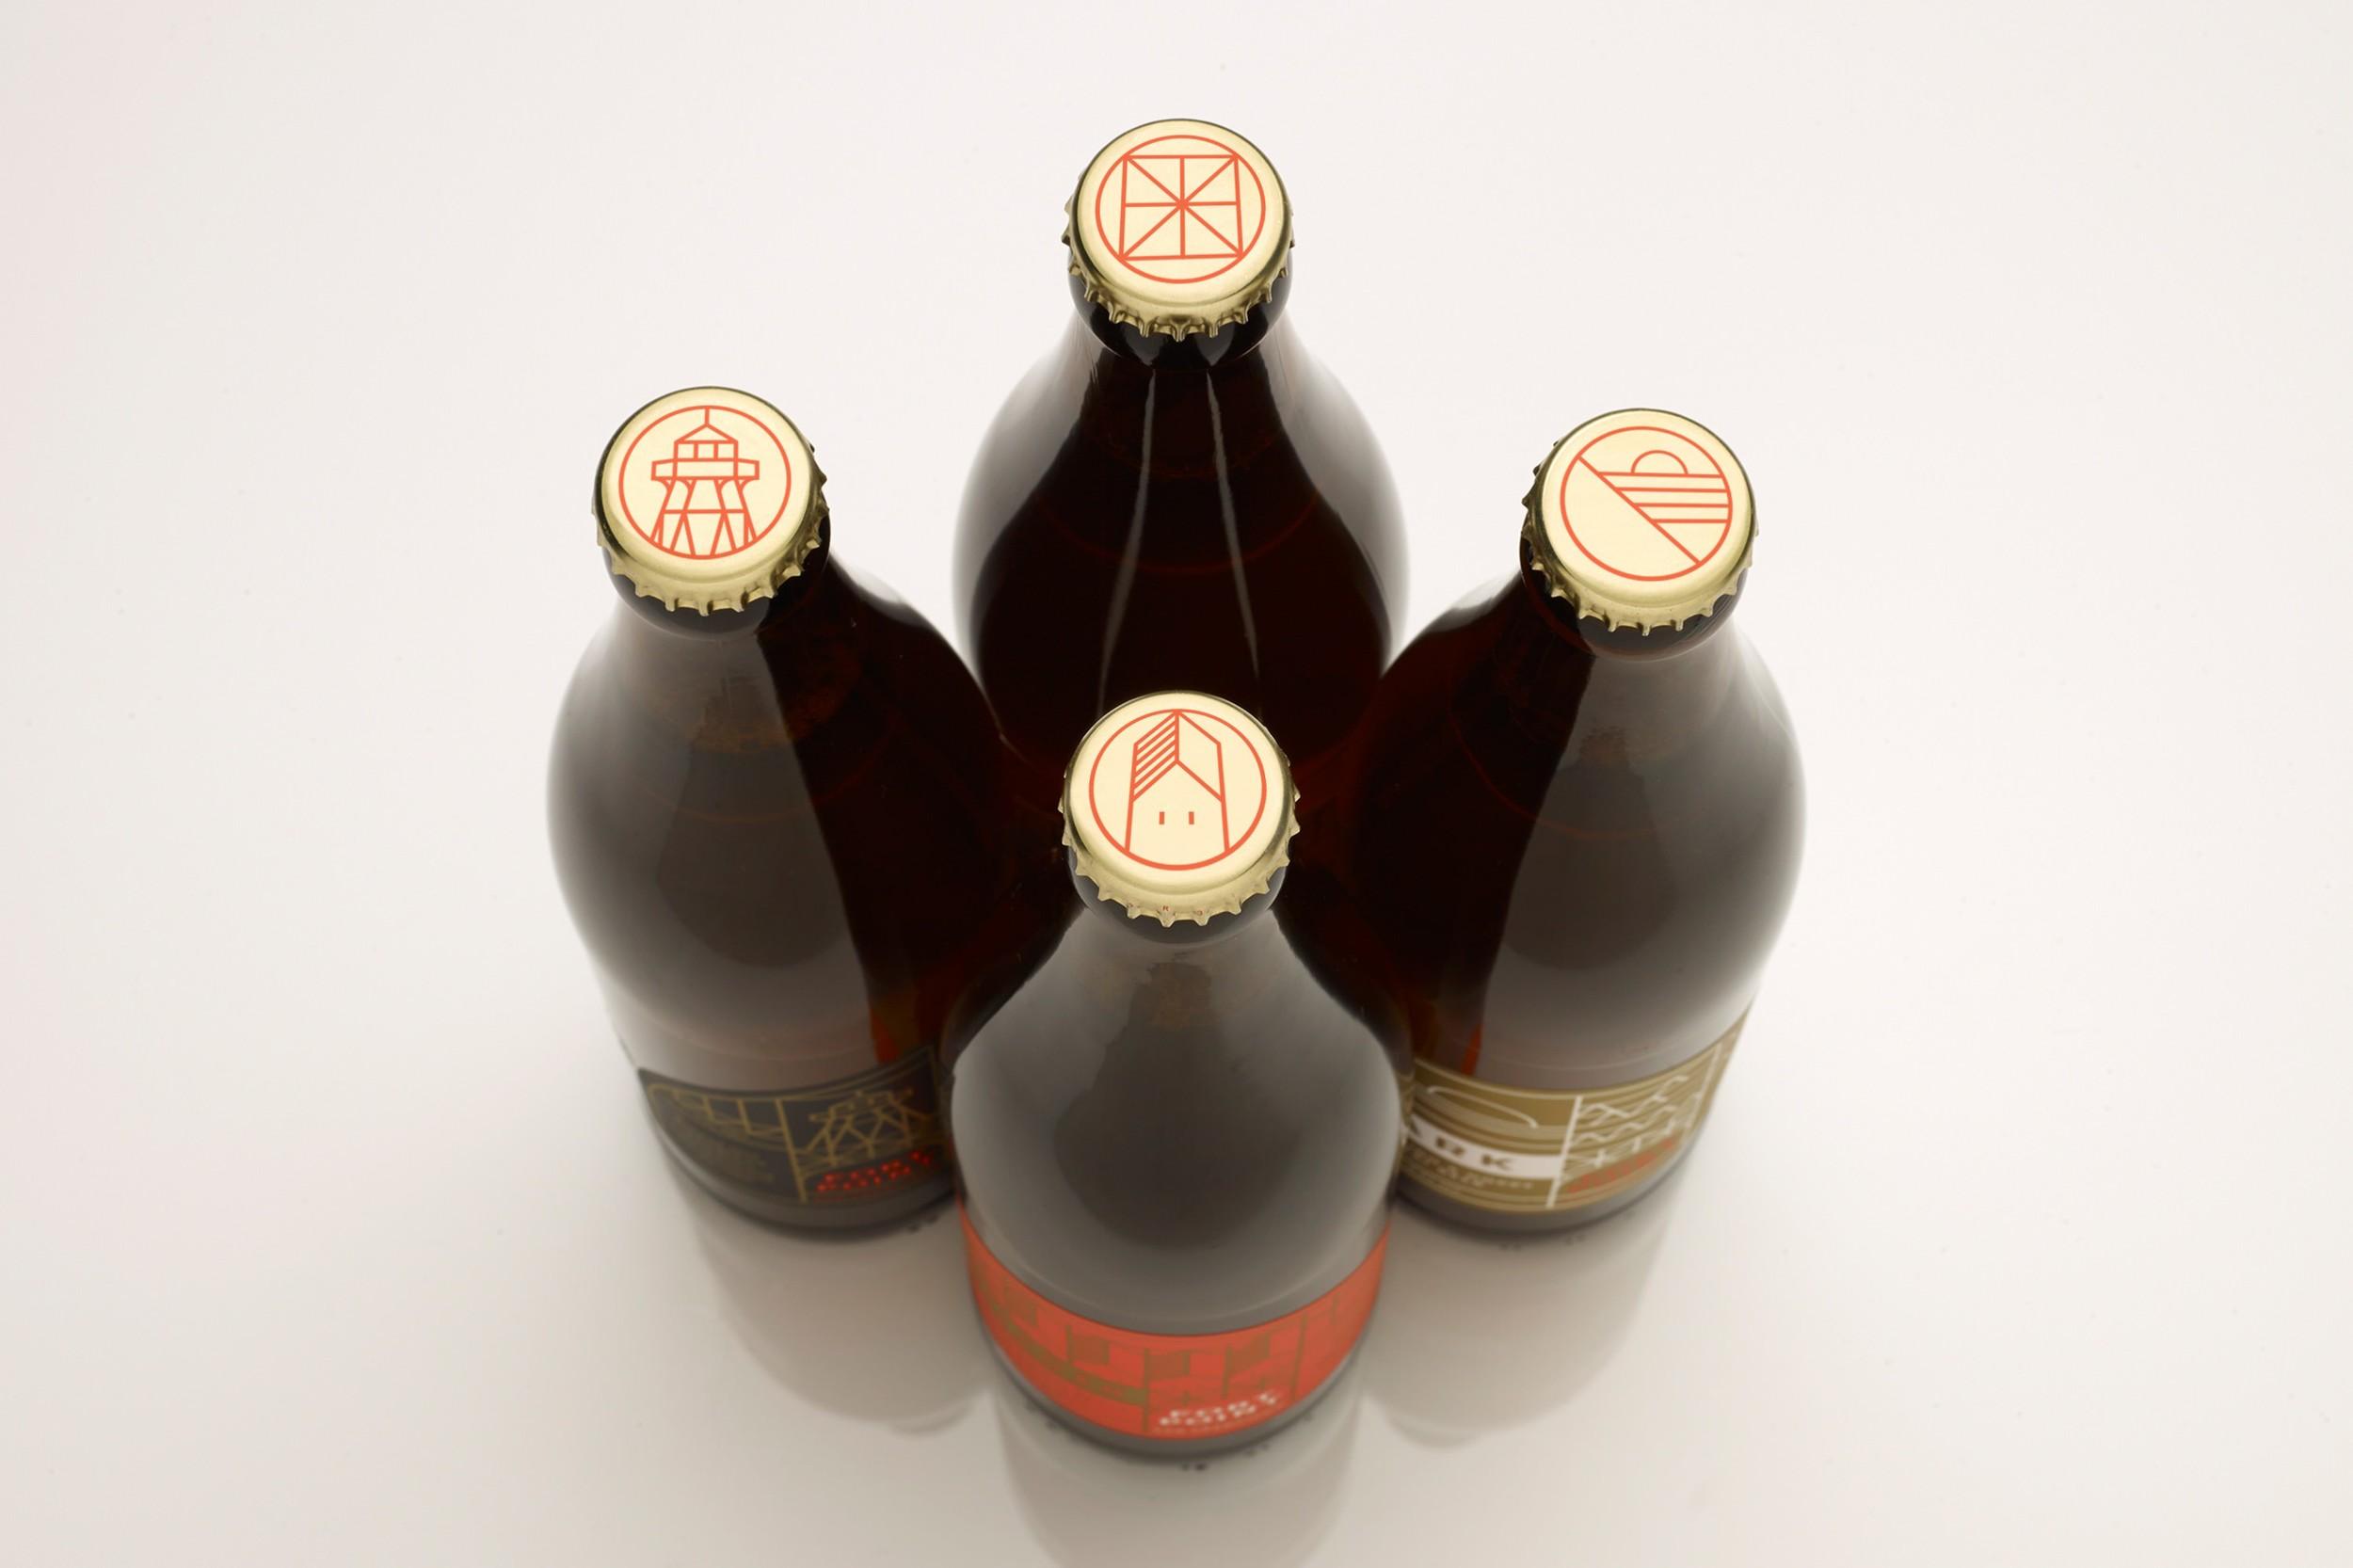 For-Point-bottle-caps-2998x1998.jpg